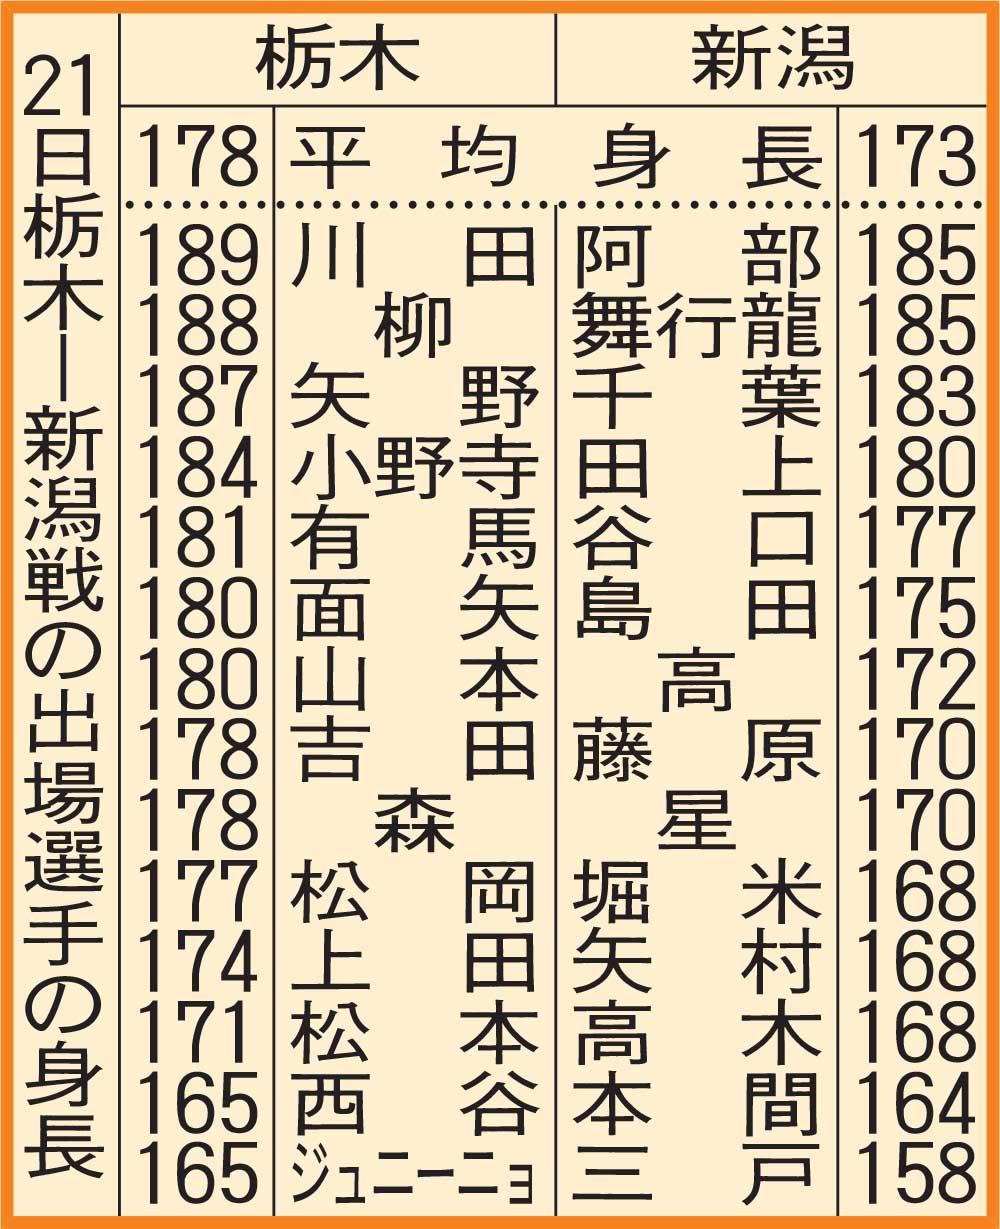 21日栃木-新潟戦の出場選手の身長